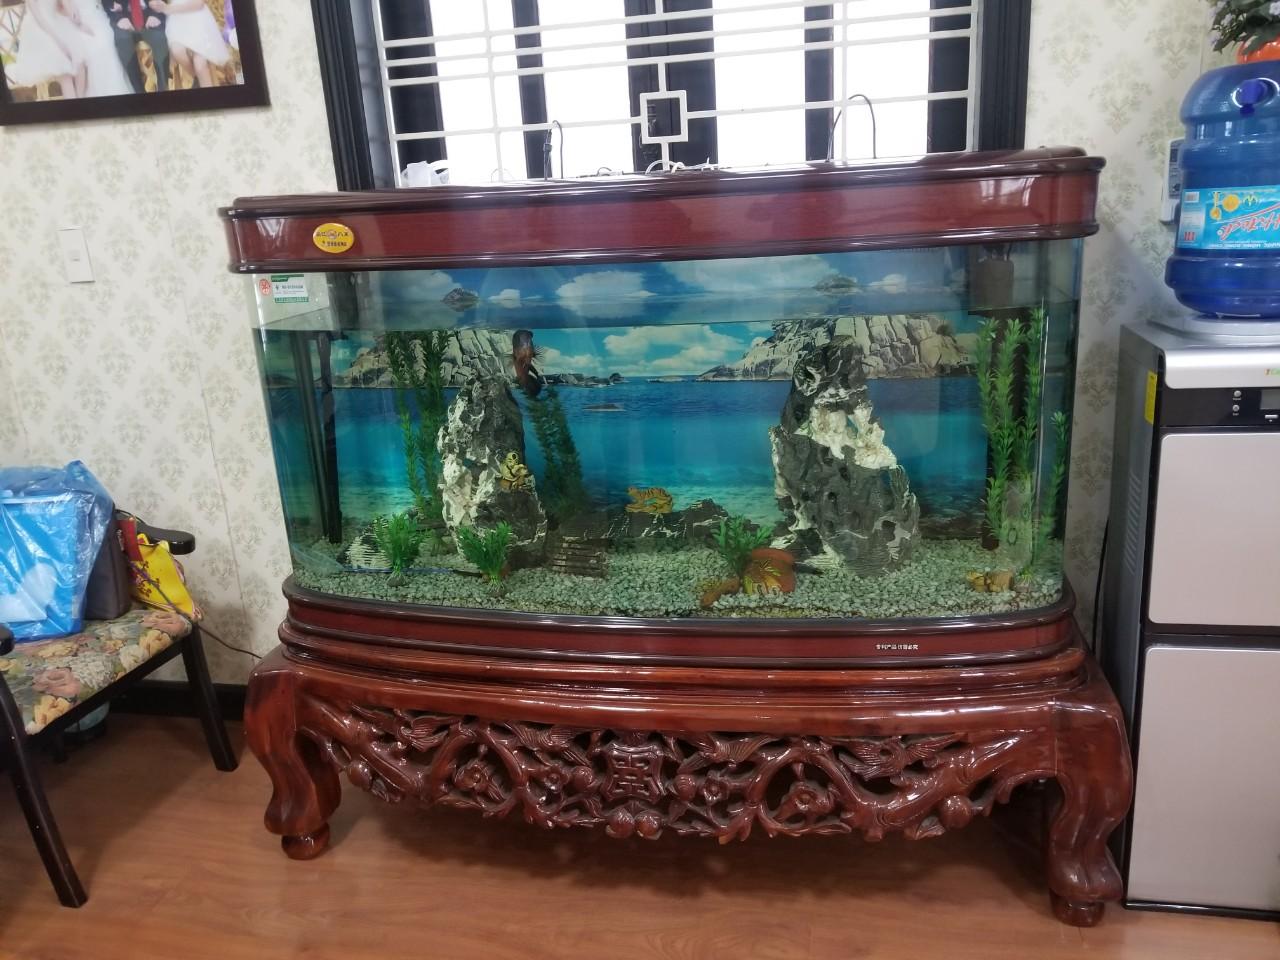 Bể cá cảnh thanh lý giá rẻ - Đồ Cũ Hoàng Quỳnh - 25A Trại Lẻ - docuhaiphong.vn - 0913040613